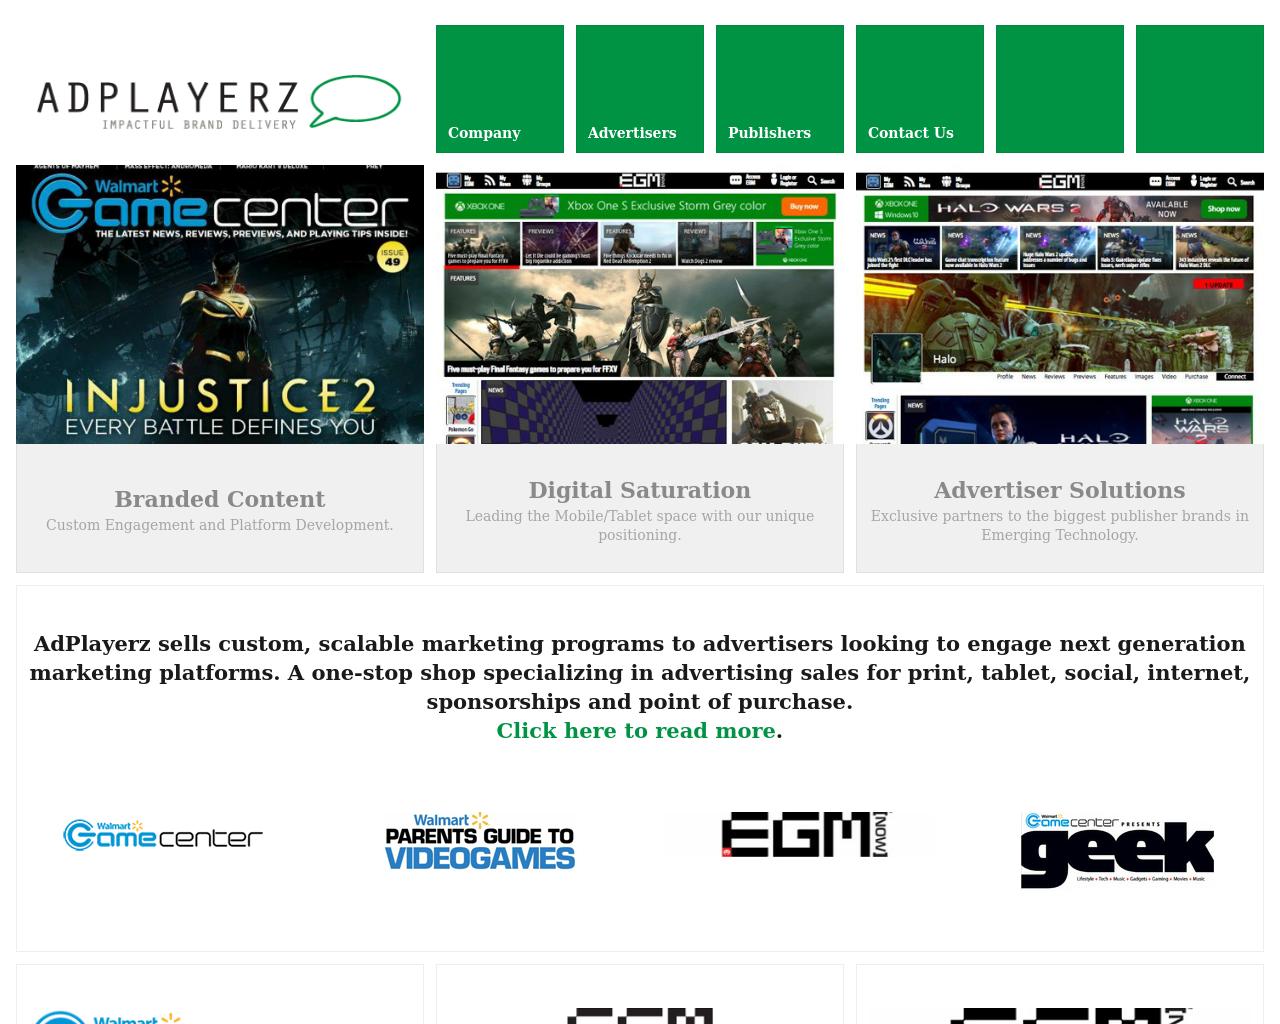 Walmart-Gamecenter-Magazine-Advertising-Reviews-Pricing